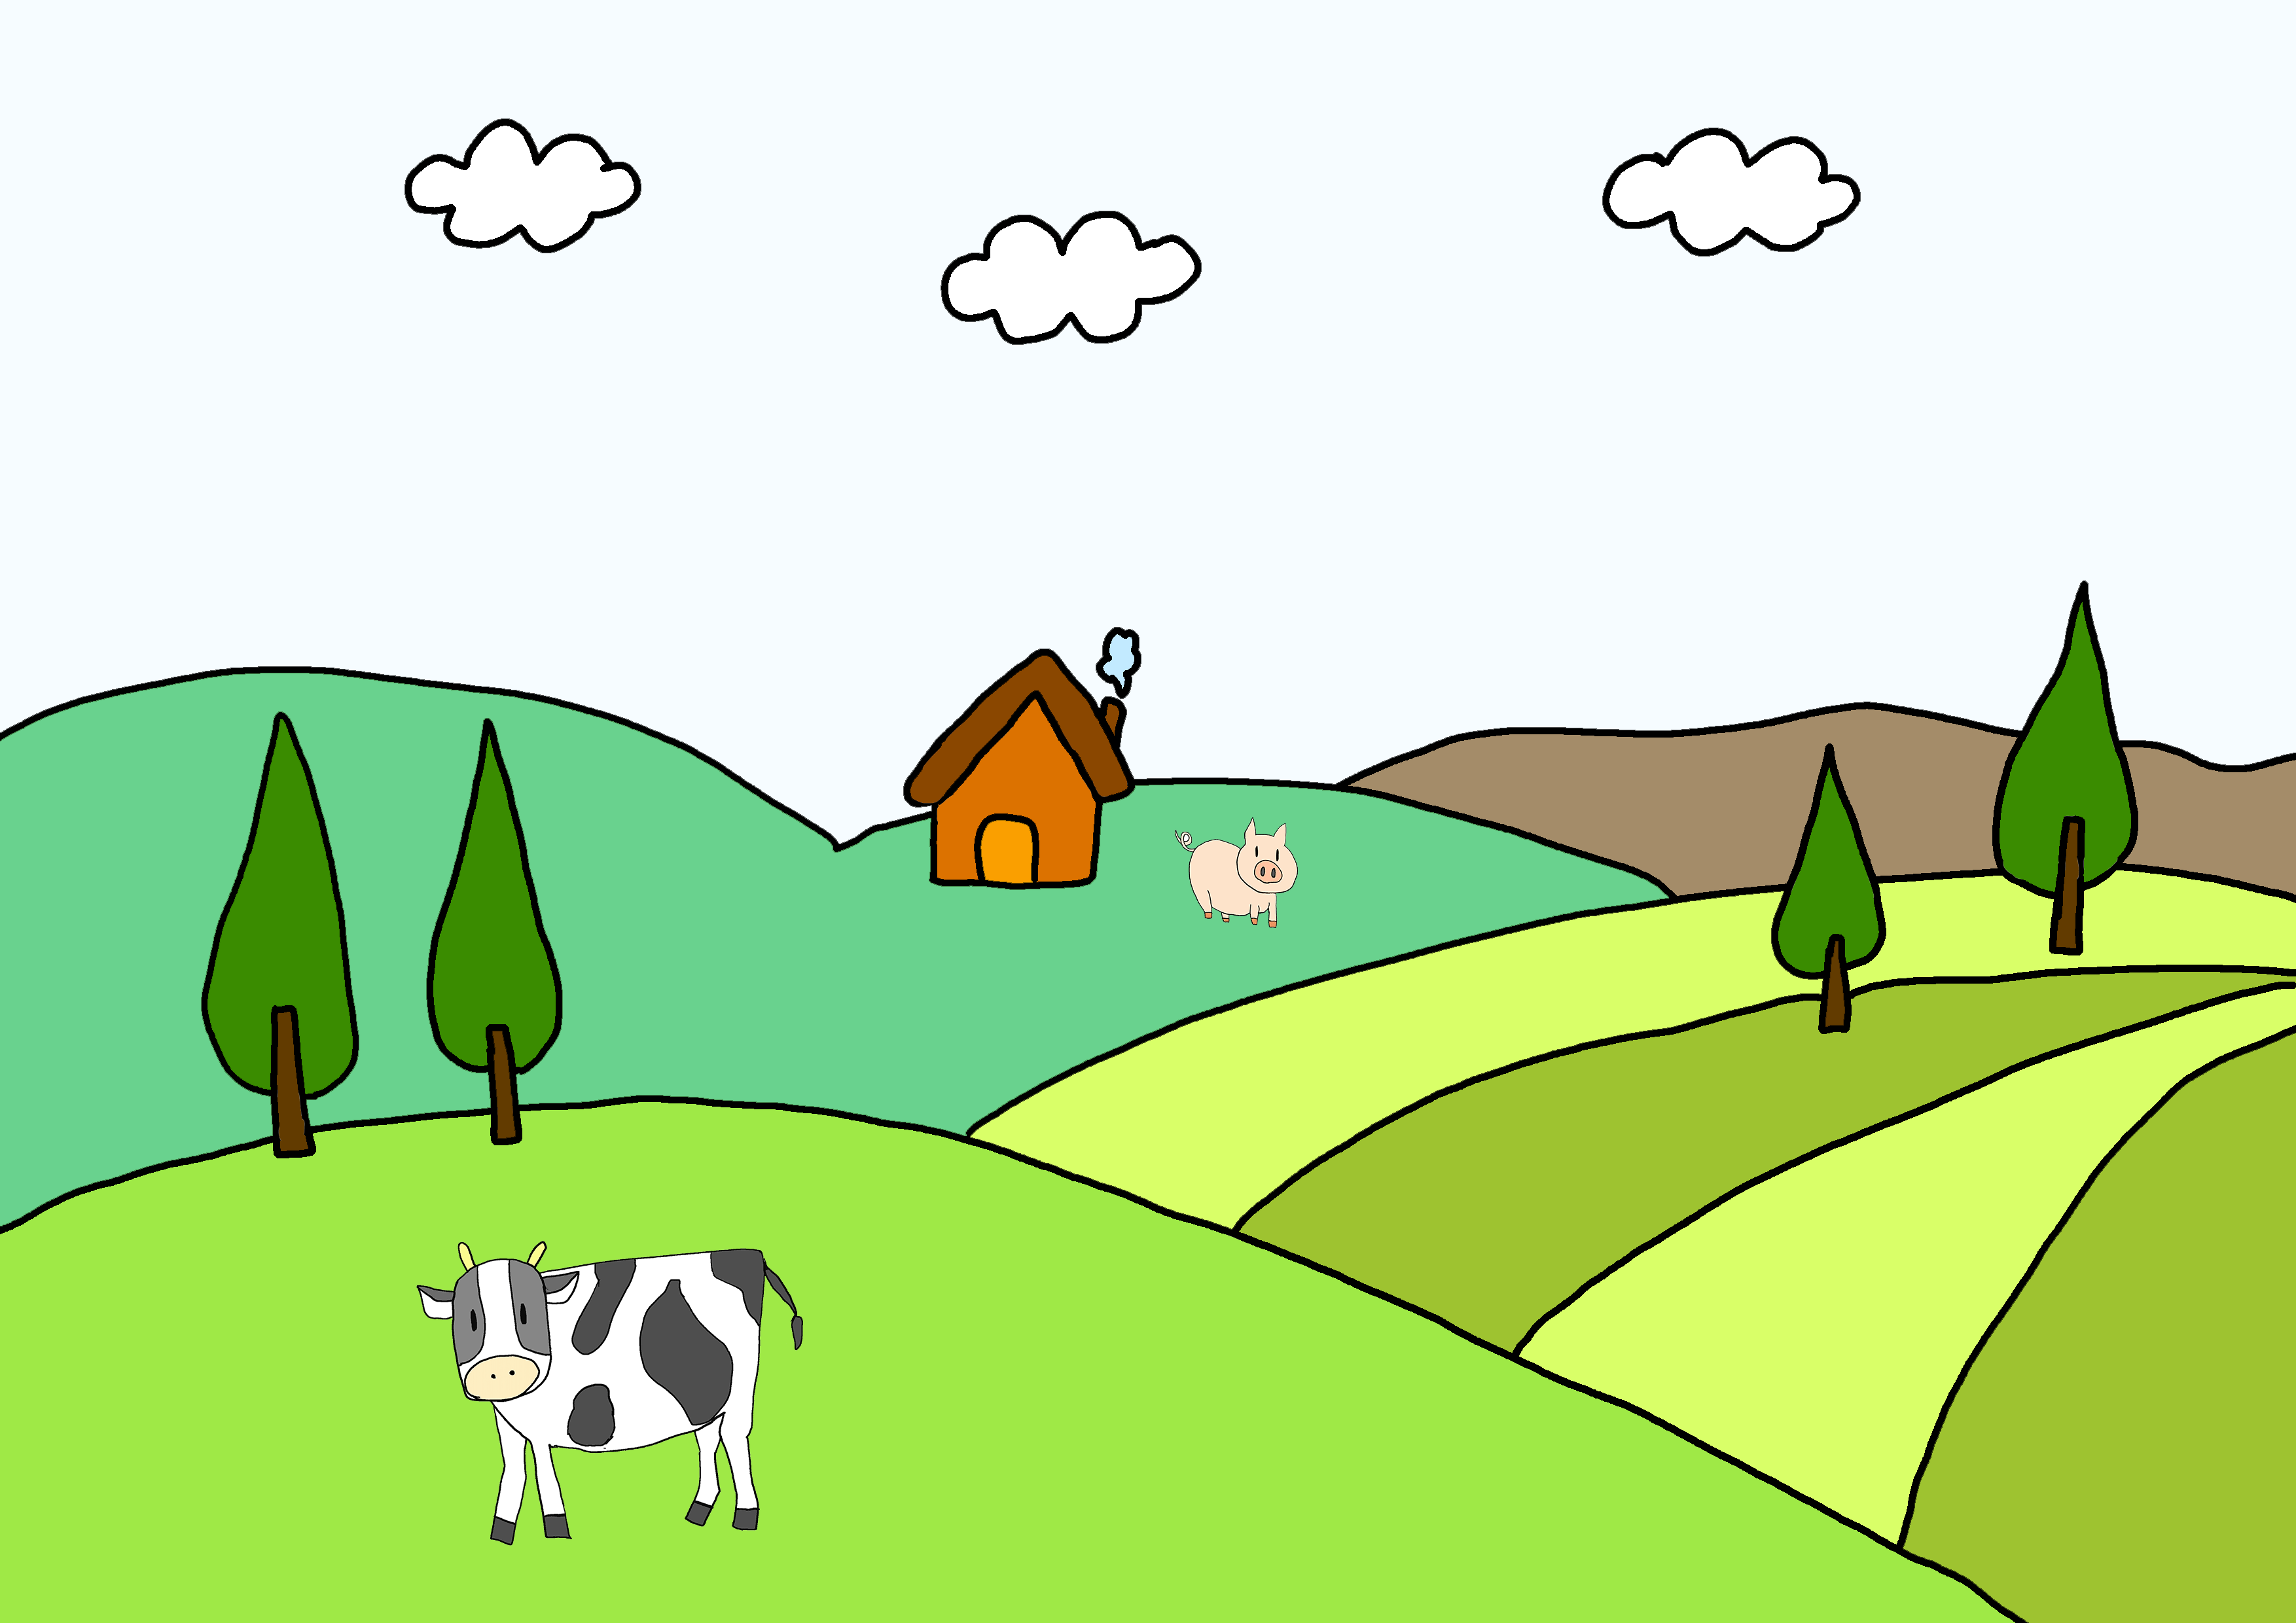 25課イラスト【田舎】